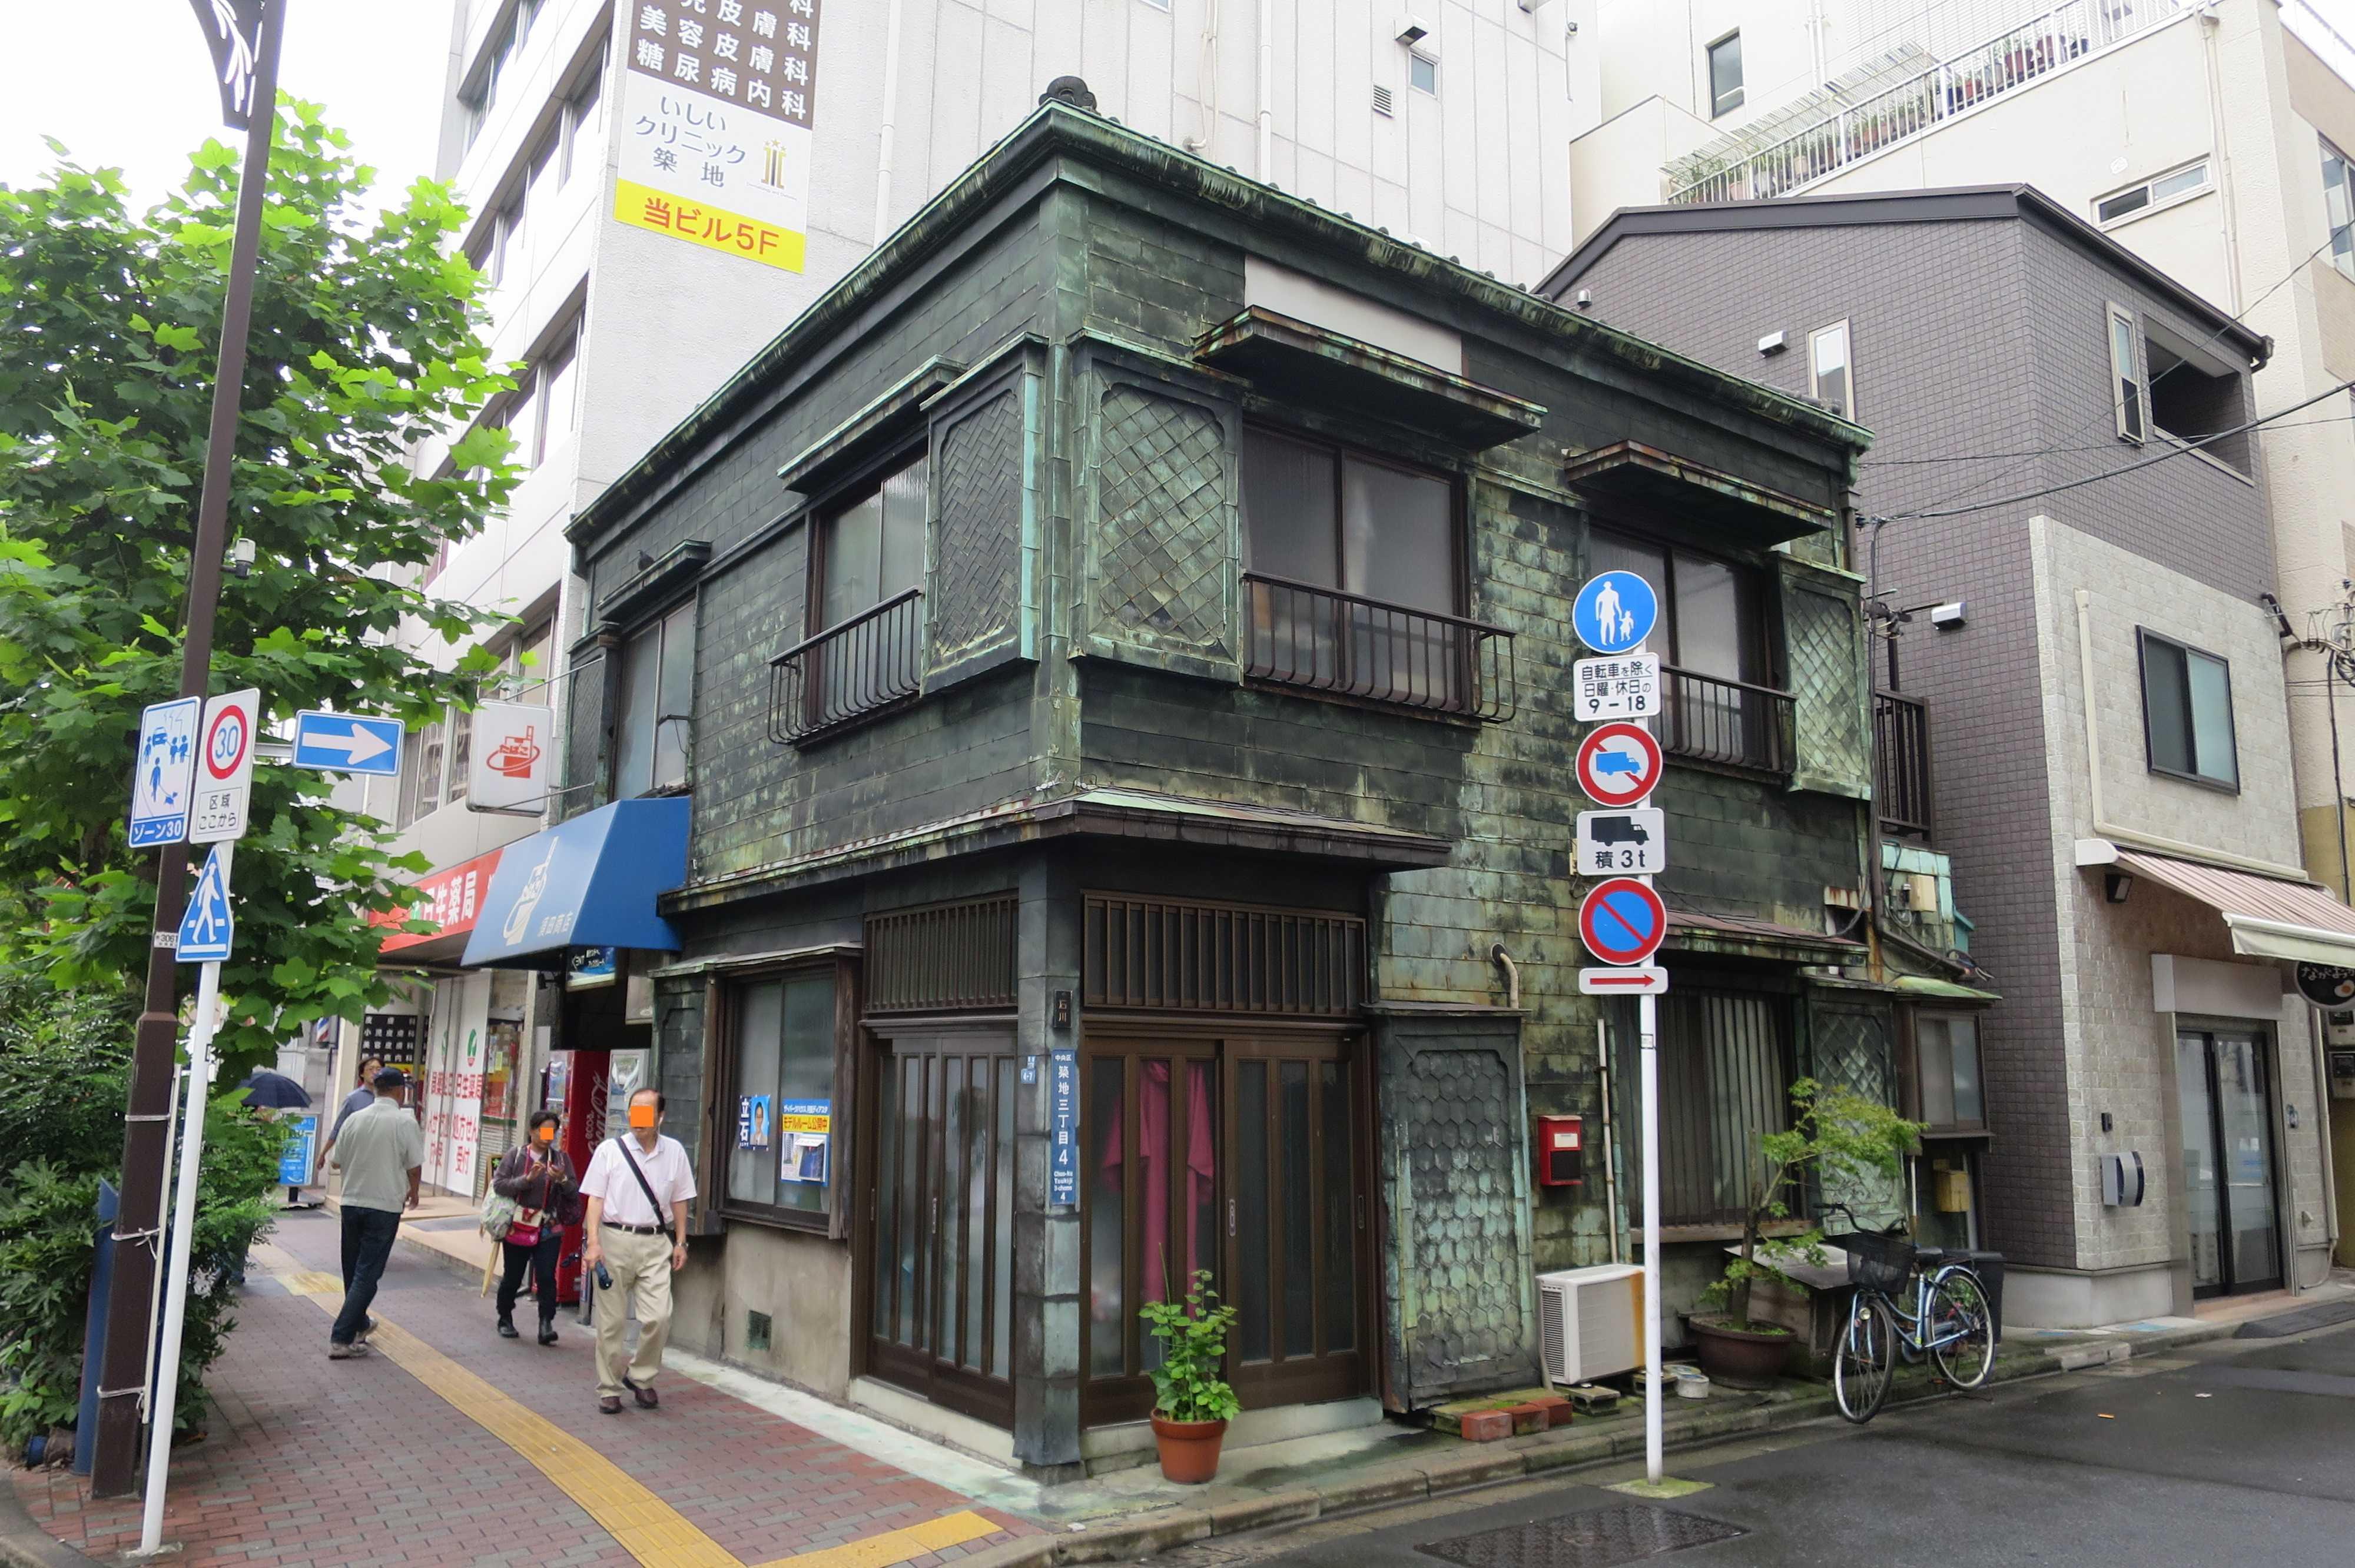 築地エリア - 看板建築(須田商店・石川家)